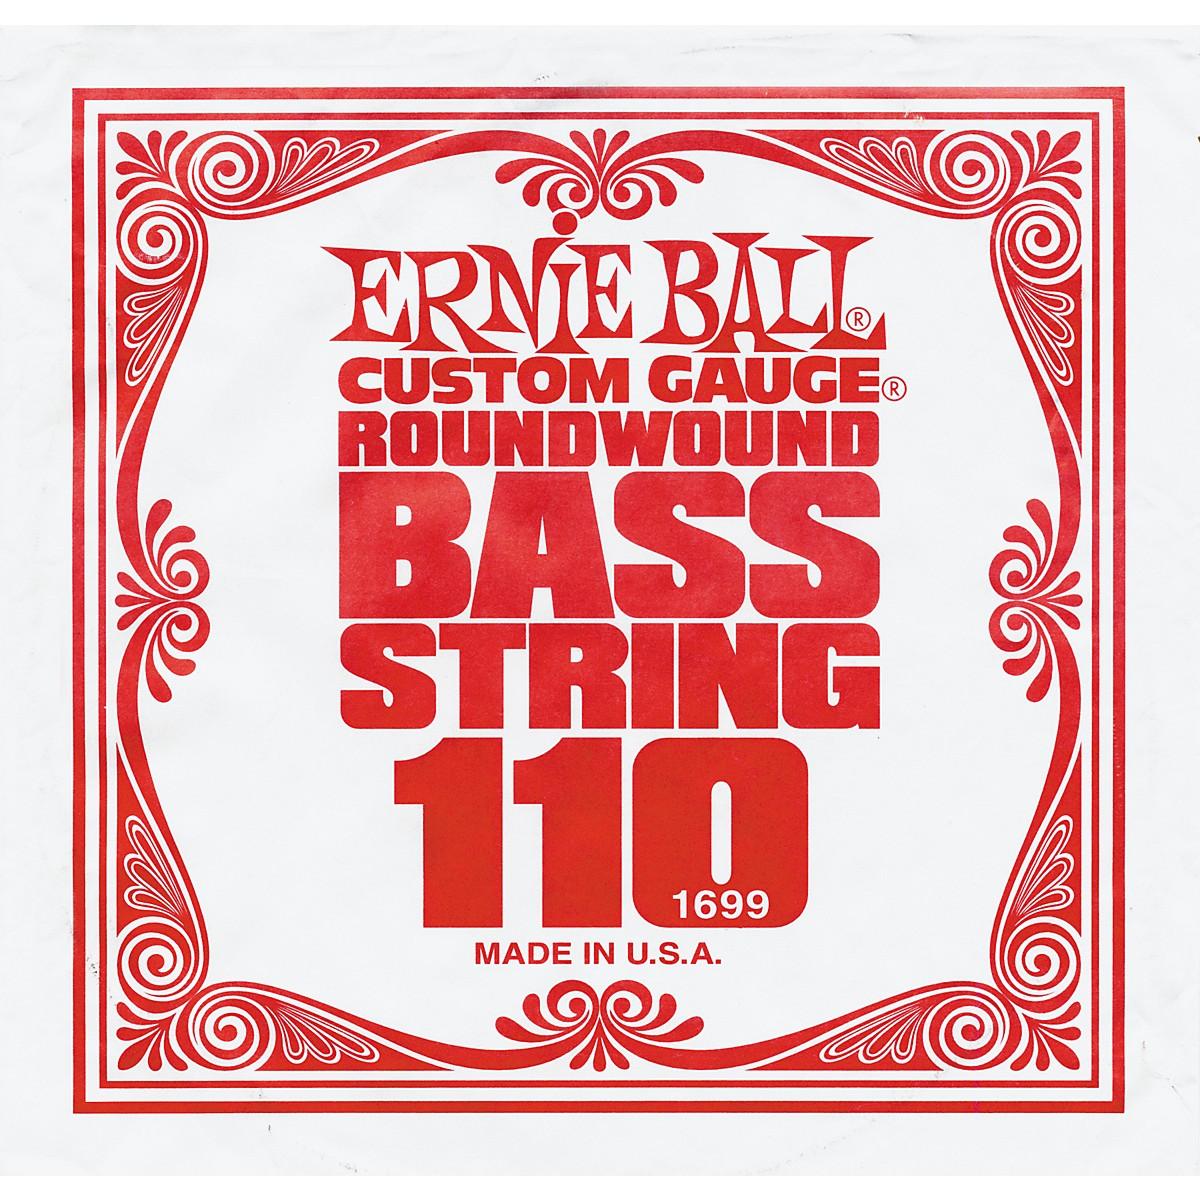 Ernie Ball 1699 Single Bass Guitar String